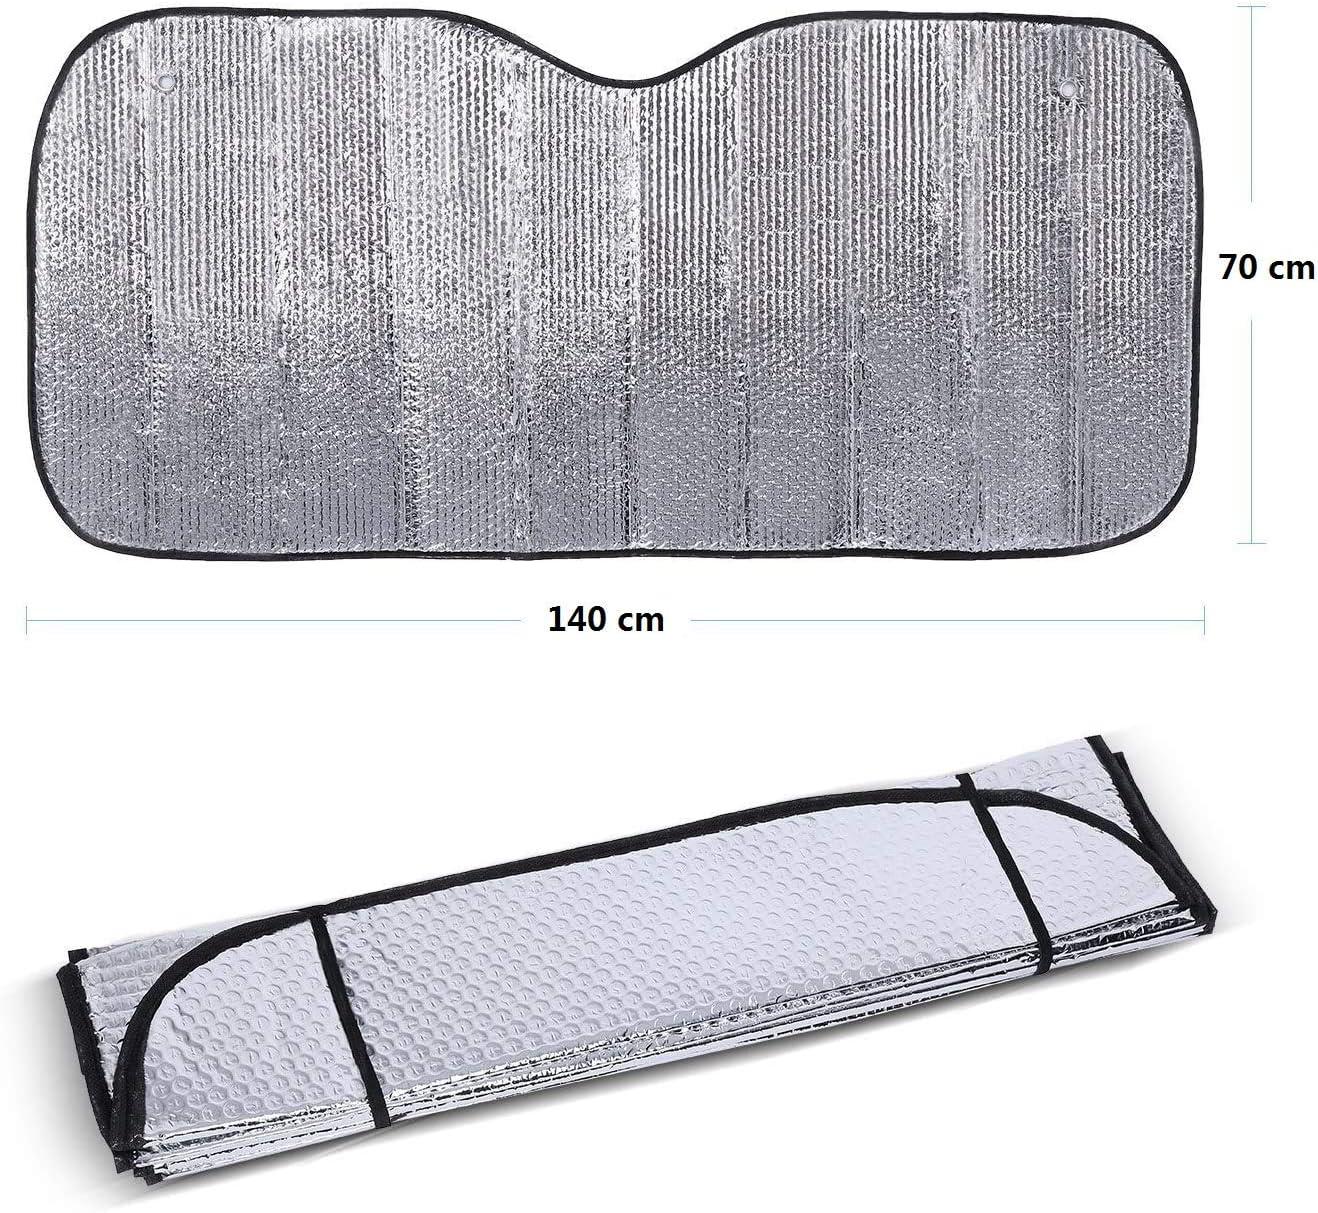 Azorex Pare-soleil de voiture avant pliable Taille S//M//L avec sangles /élastiques Facile /à installer M 70x140 cm